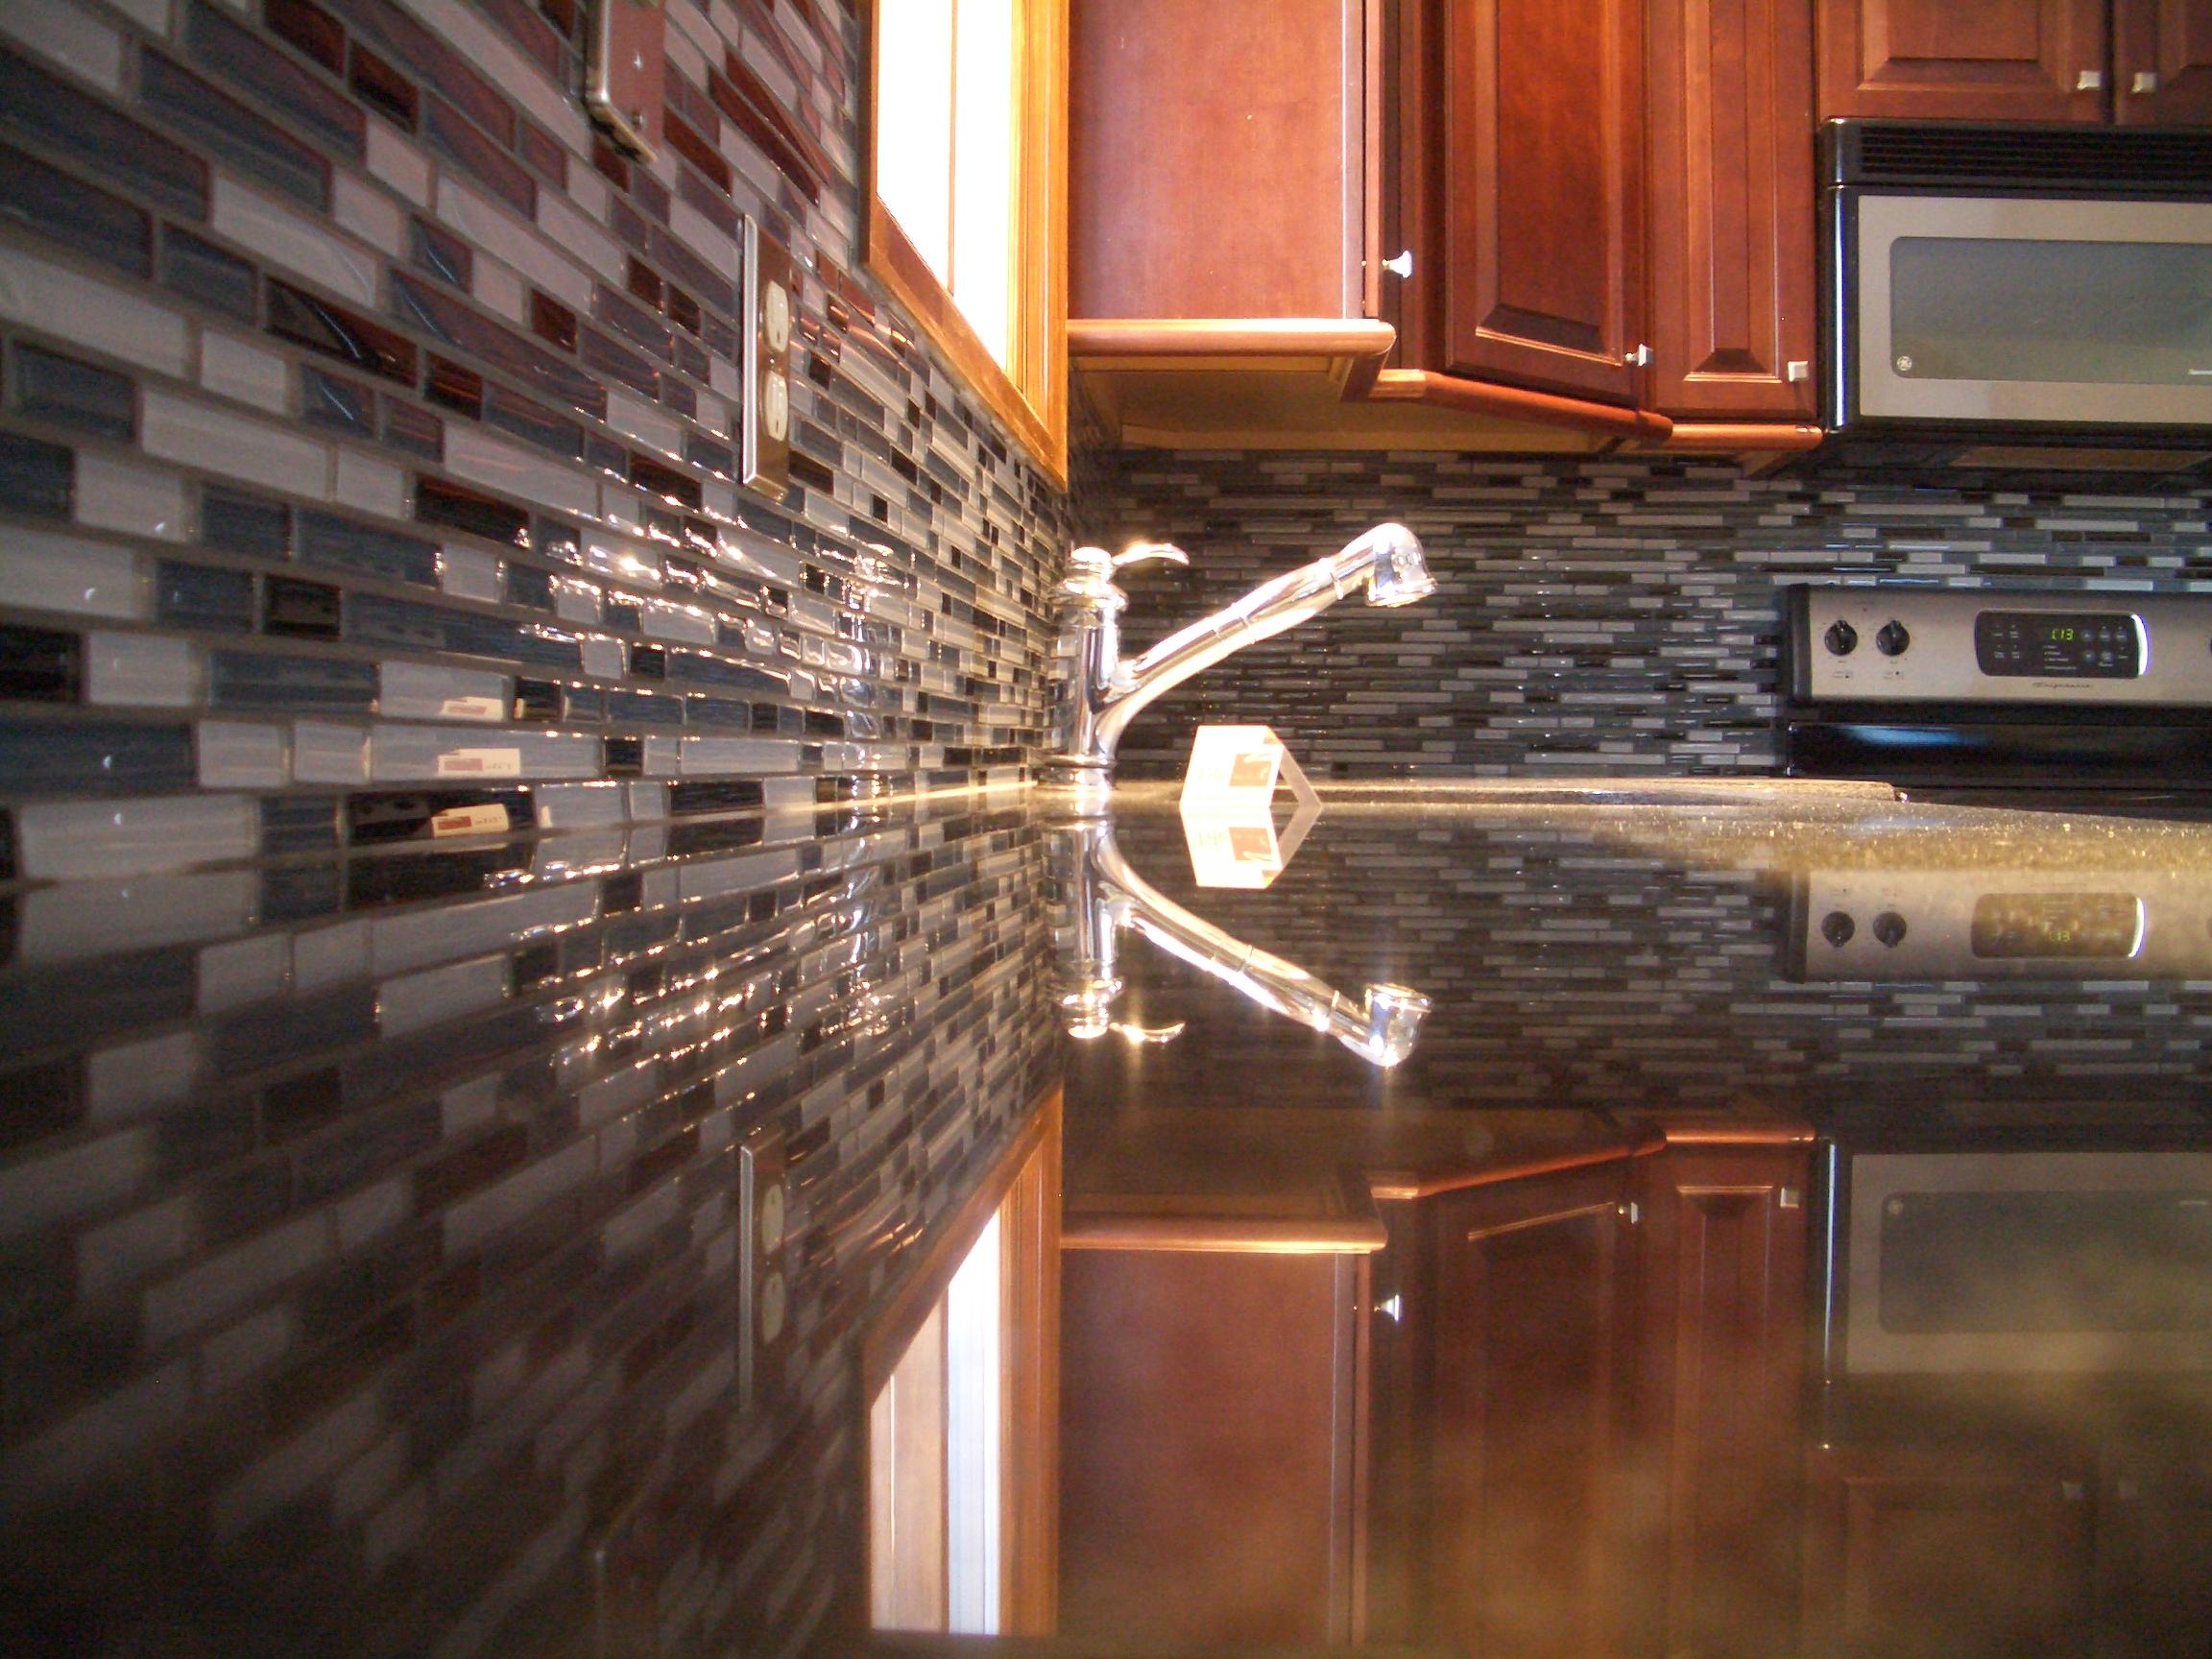 glass tile kitchen backsplash in fort collins tile kitchen backsplash Glass tile kitchen backsplash in Fort Collins